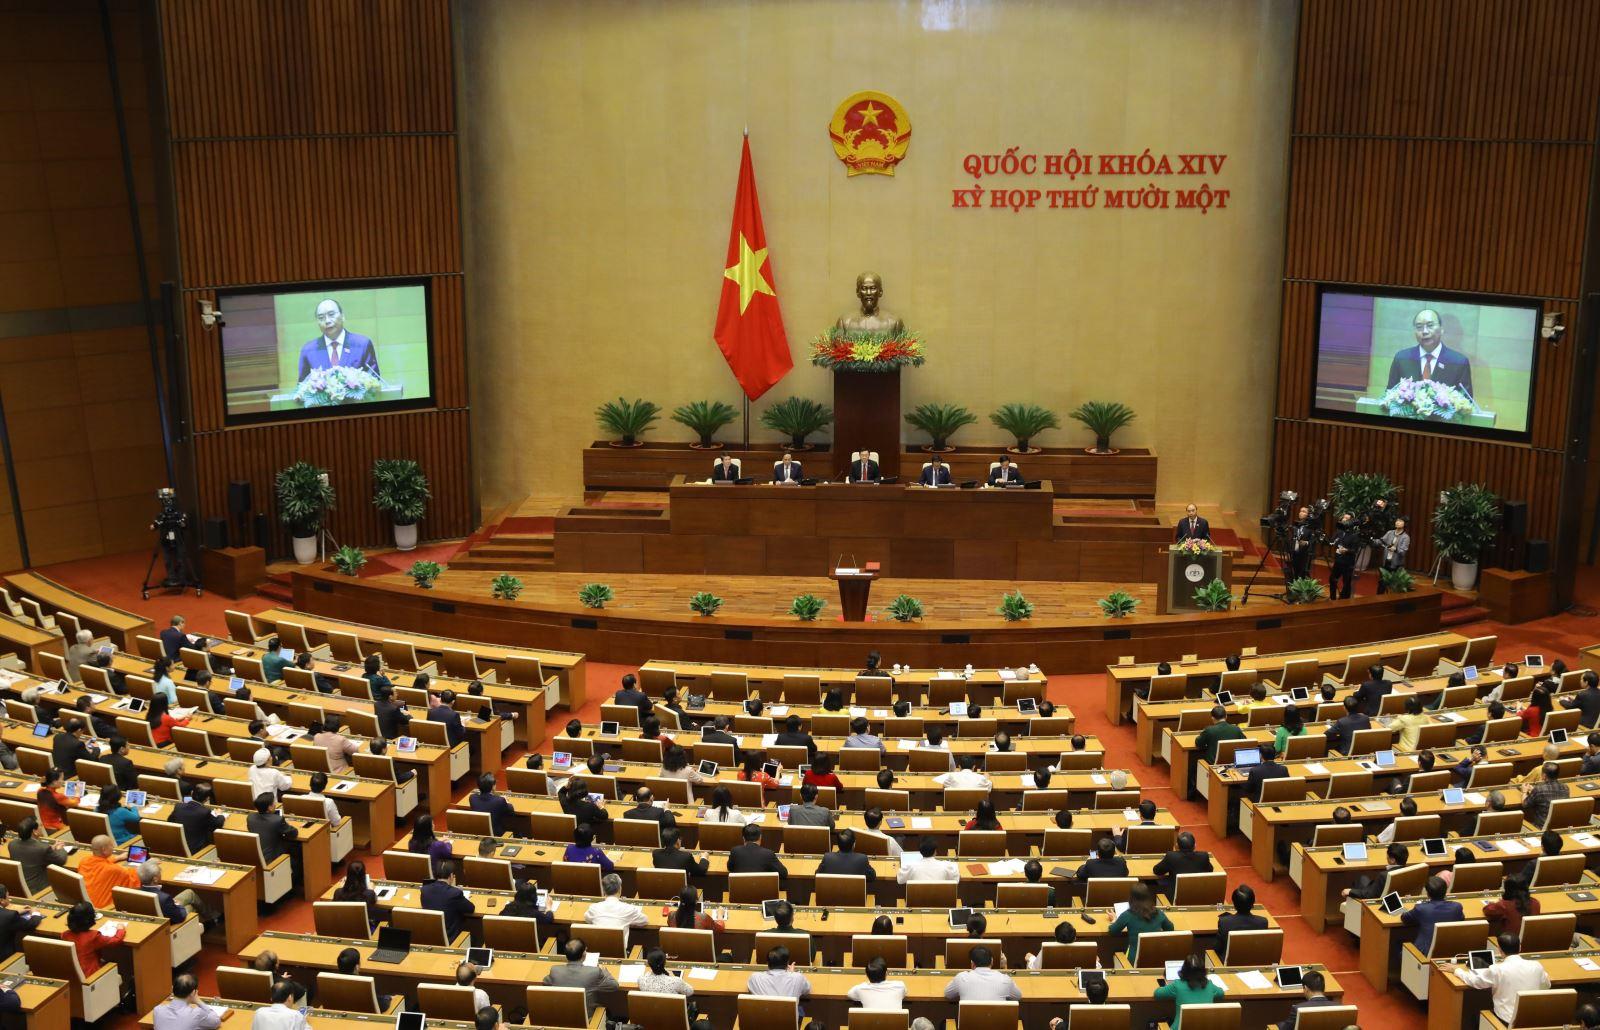 Chủ tịch nước Nguyễn Xuân Phúc phát biểu nhậm chức trước Quốc hội sáng 5-4-2021. Ảnh: Văn Điệp - TTXVN